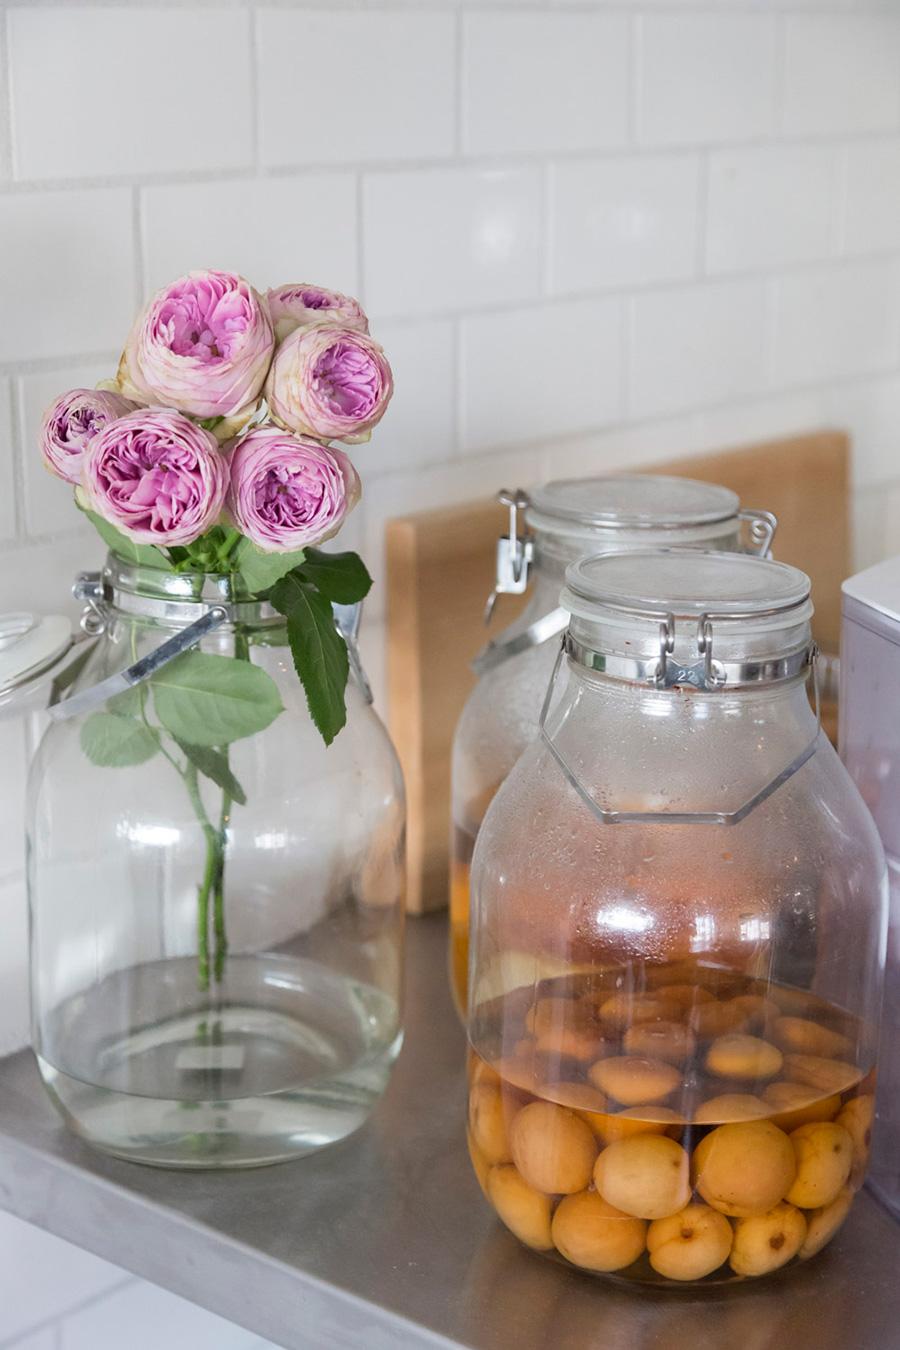 華奢な把手が素敵な保存瓶に、そのまま花を挿すことも。オレンジの梅と、ピンクの花のコントラストがいい。